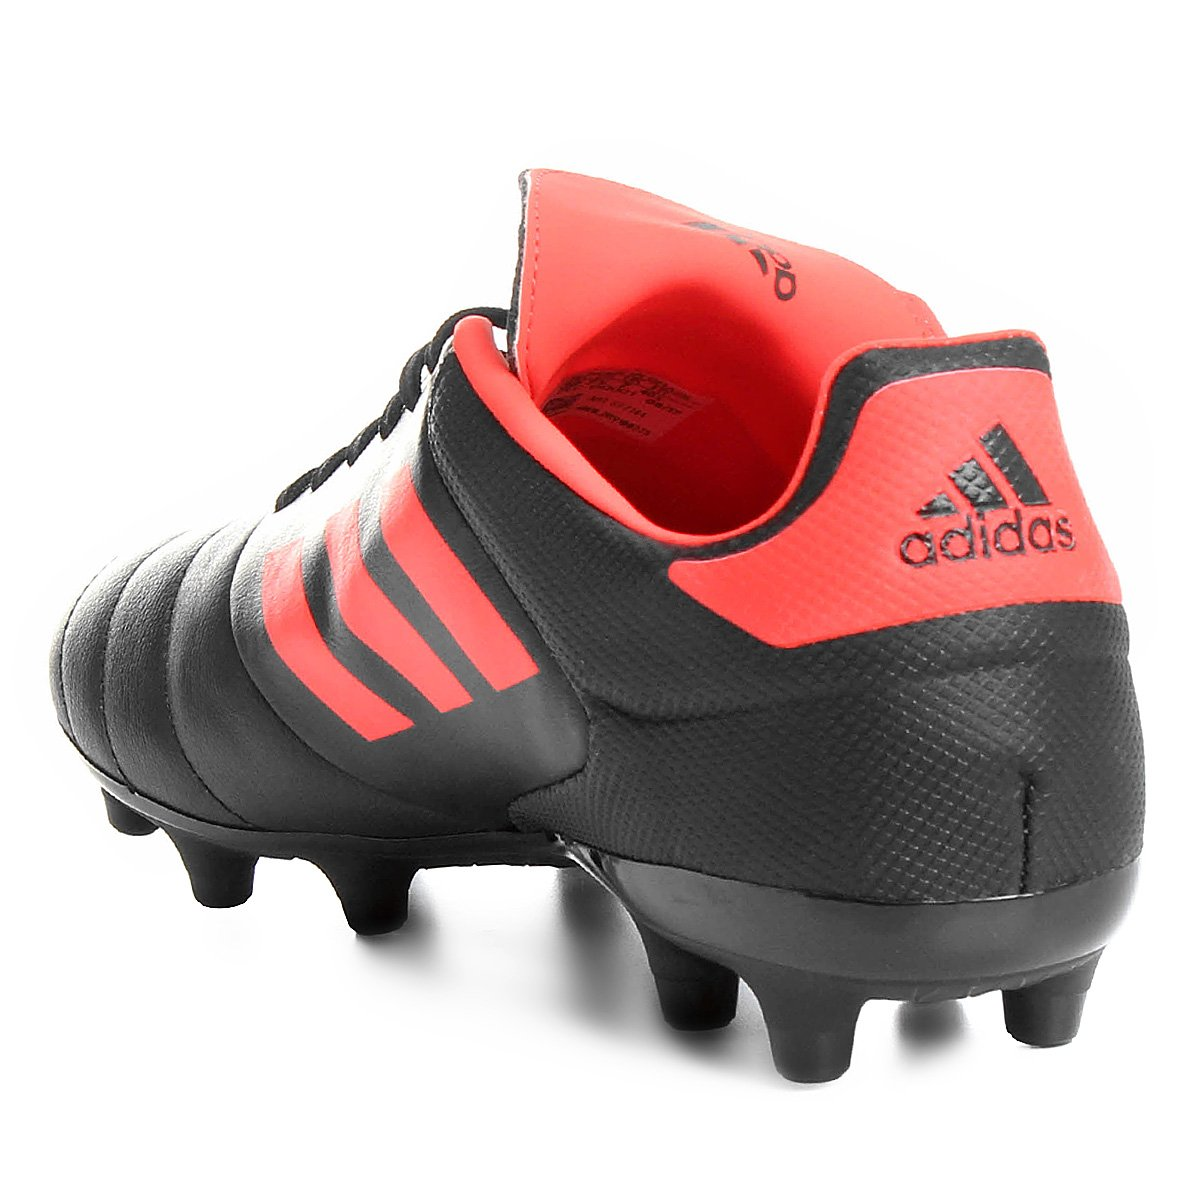 Chuteira Campo Adidas Copa 17.3 FG - Preto - Compre Agora  f1fc0462b50cd